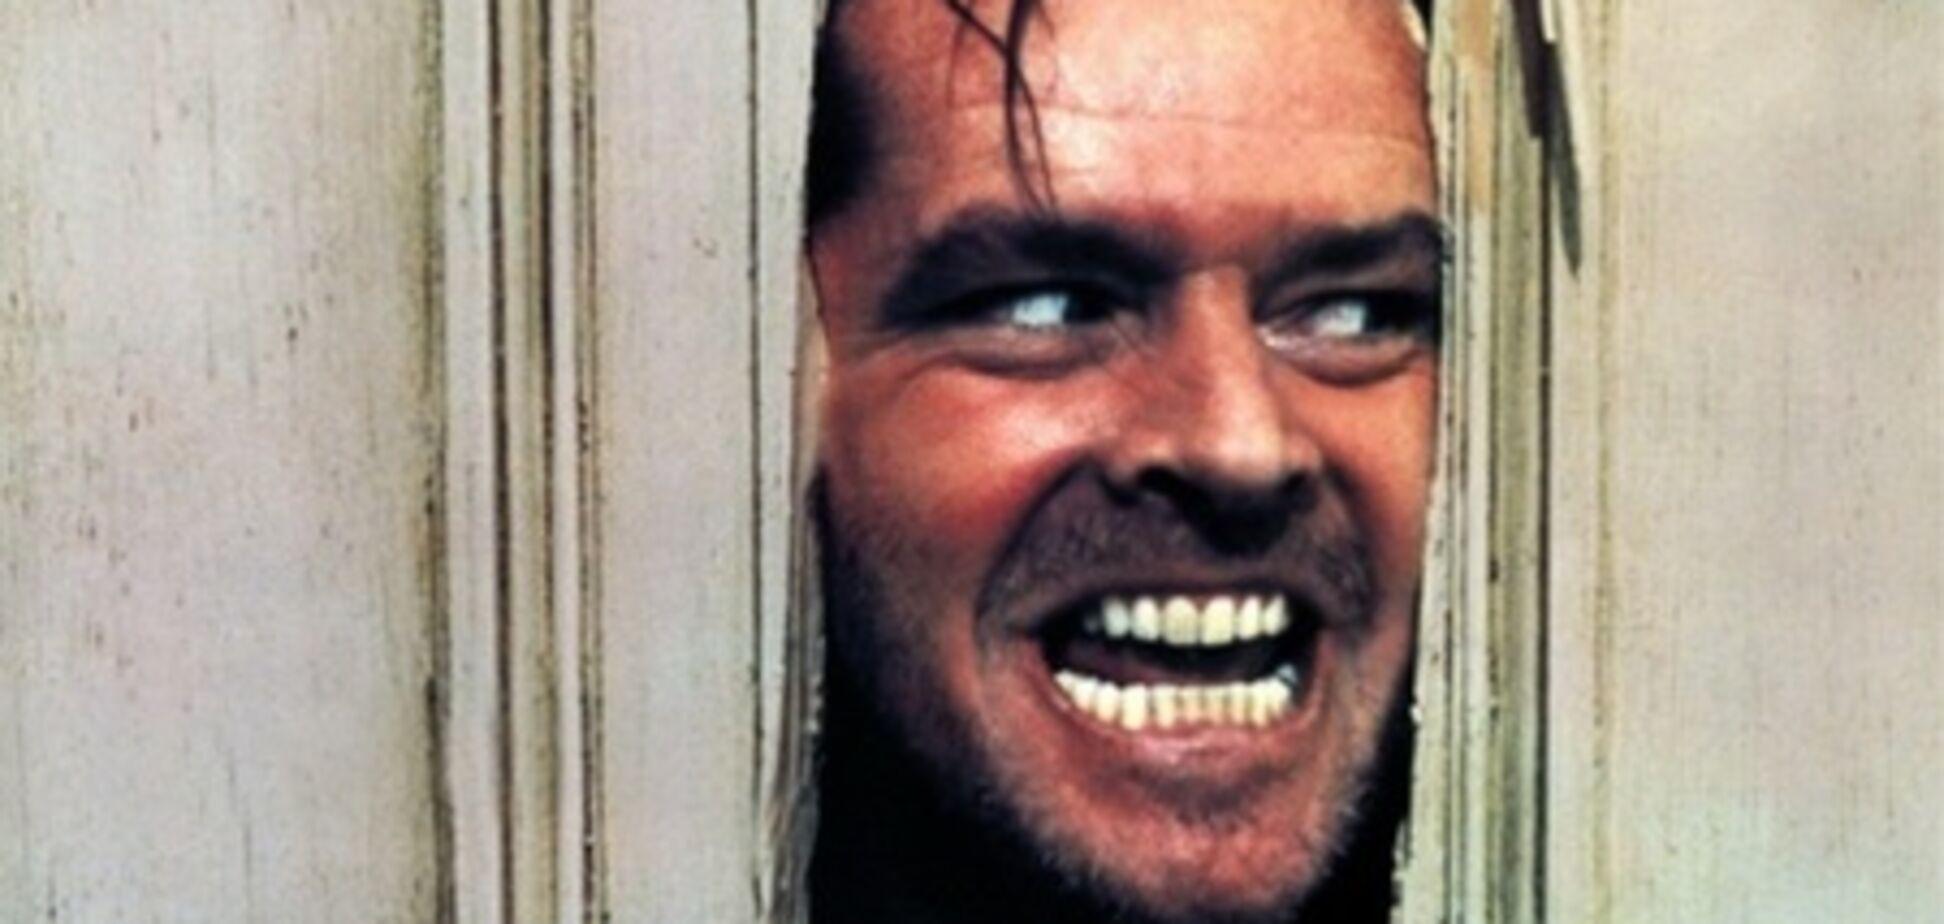 ТОП-10 фильмов ужасов к Хэллоуину